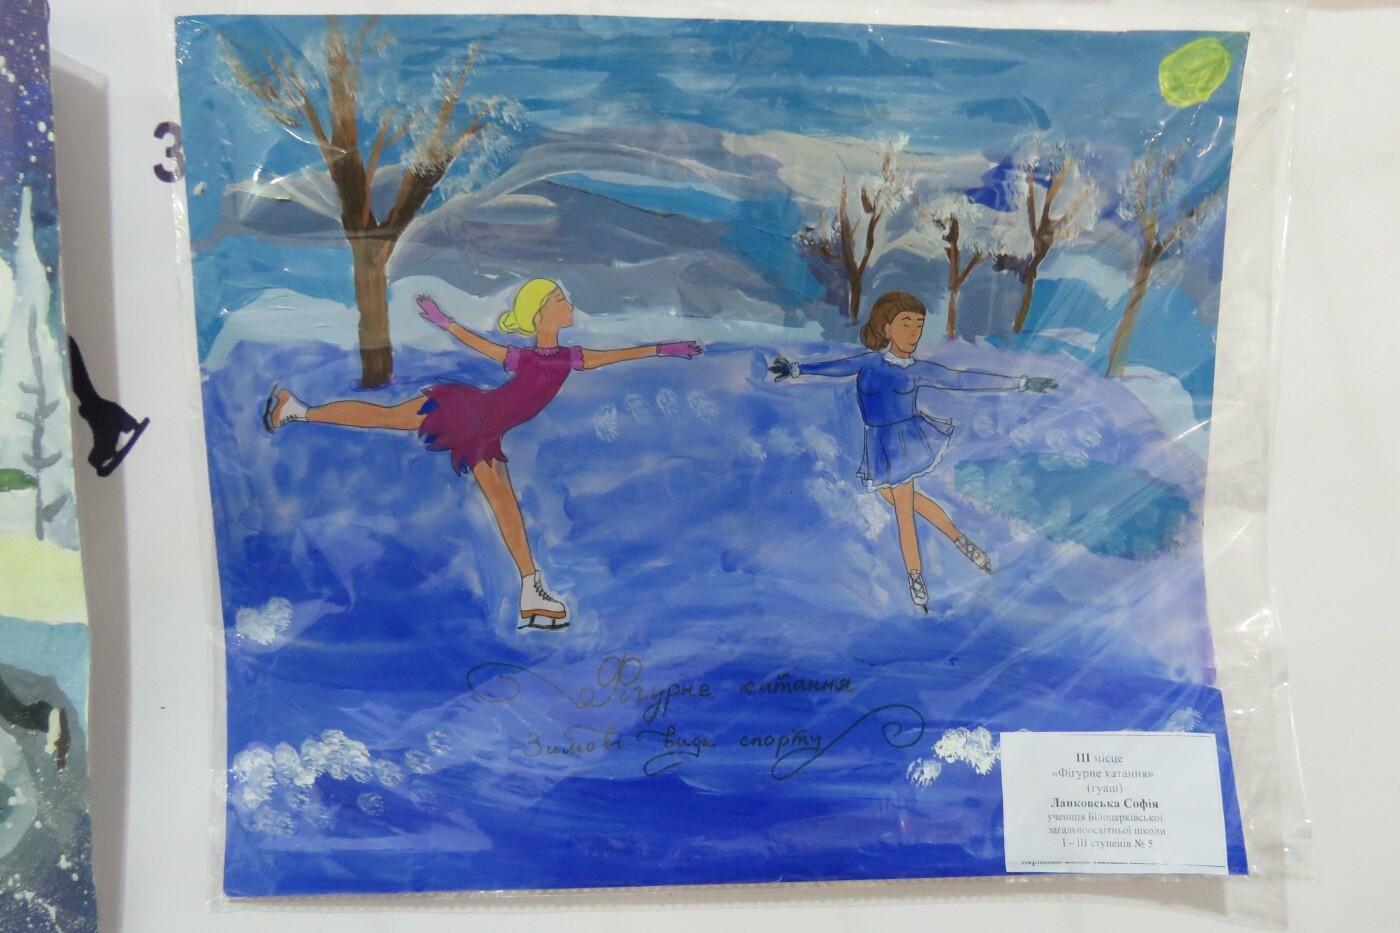 Відбулось нагородження переможців конкурсу малюнків «Зимовий спорт в м. Біла Церква», фото-2